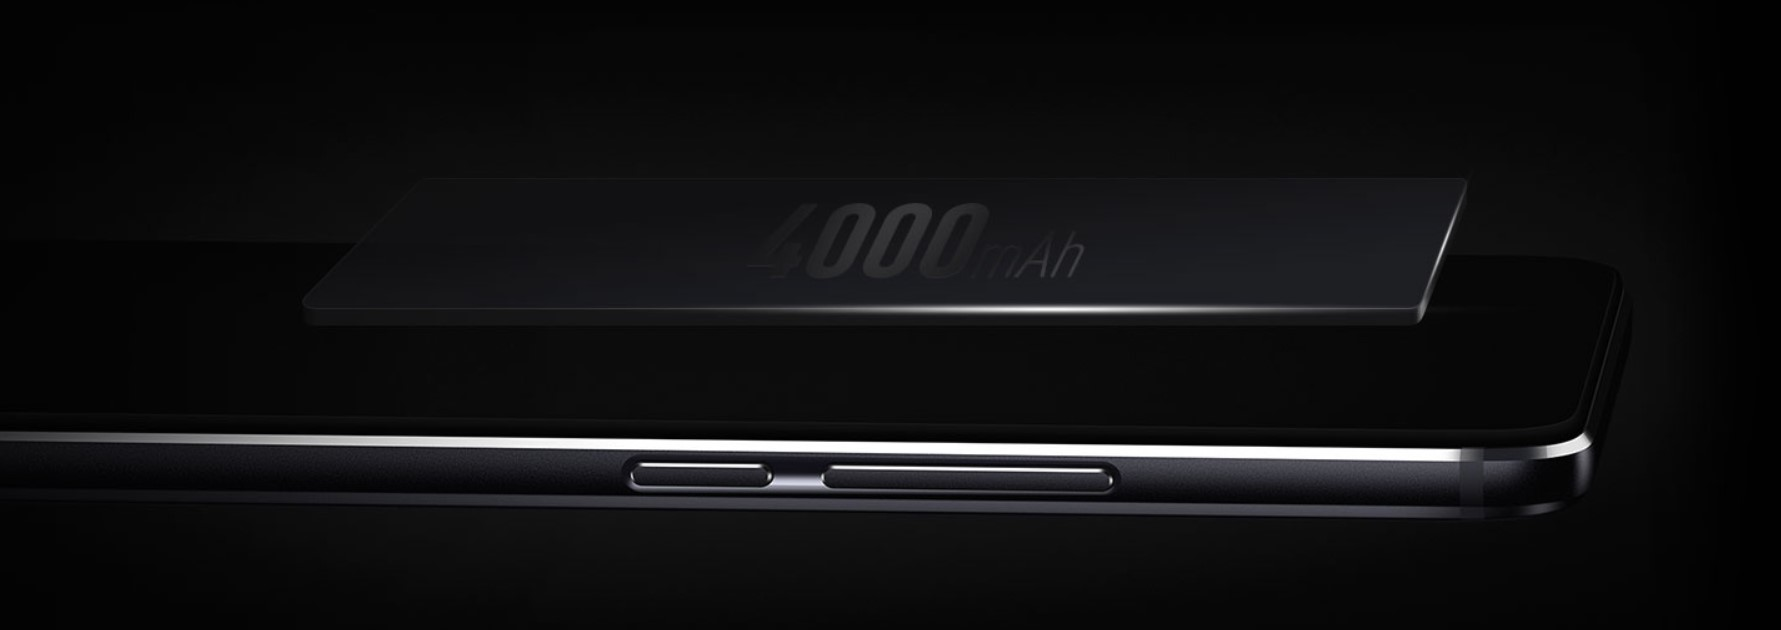 Meizu M6 Note bateria